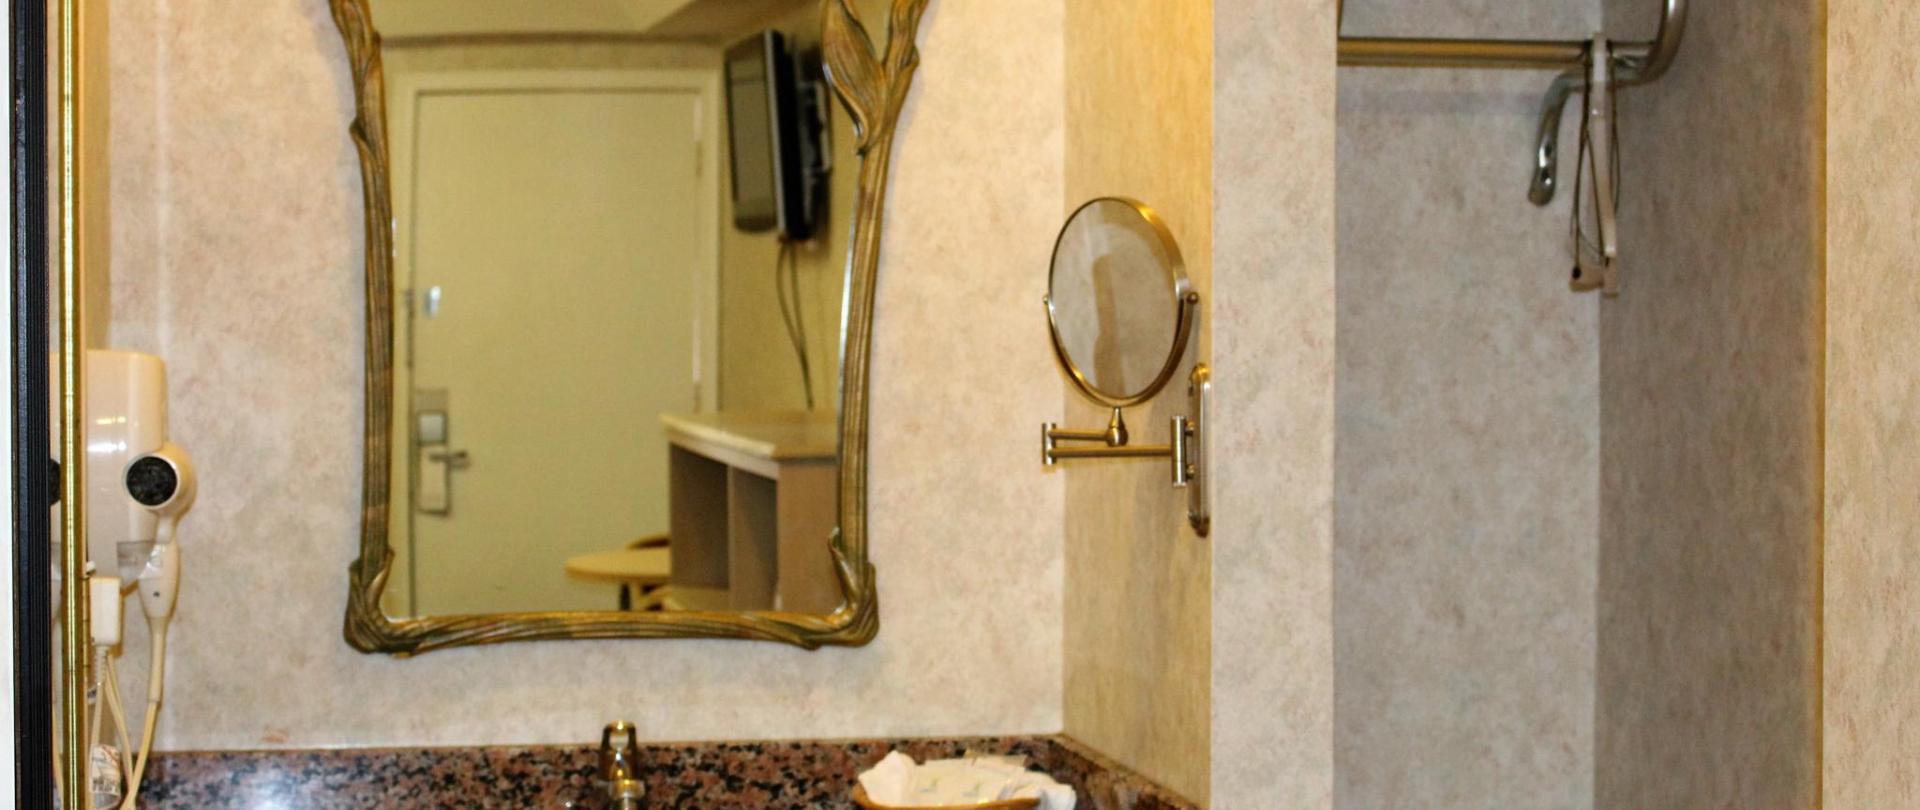 Room Amenities 3.JPG